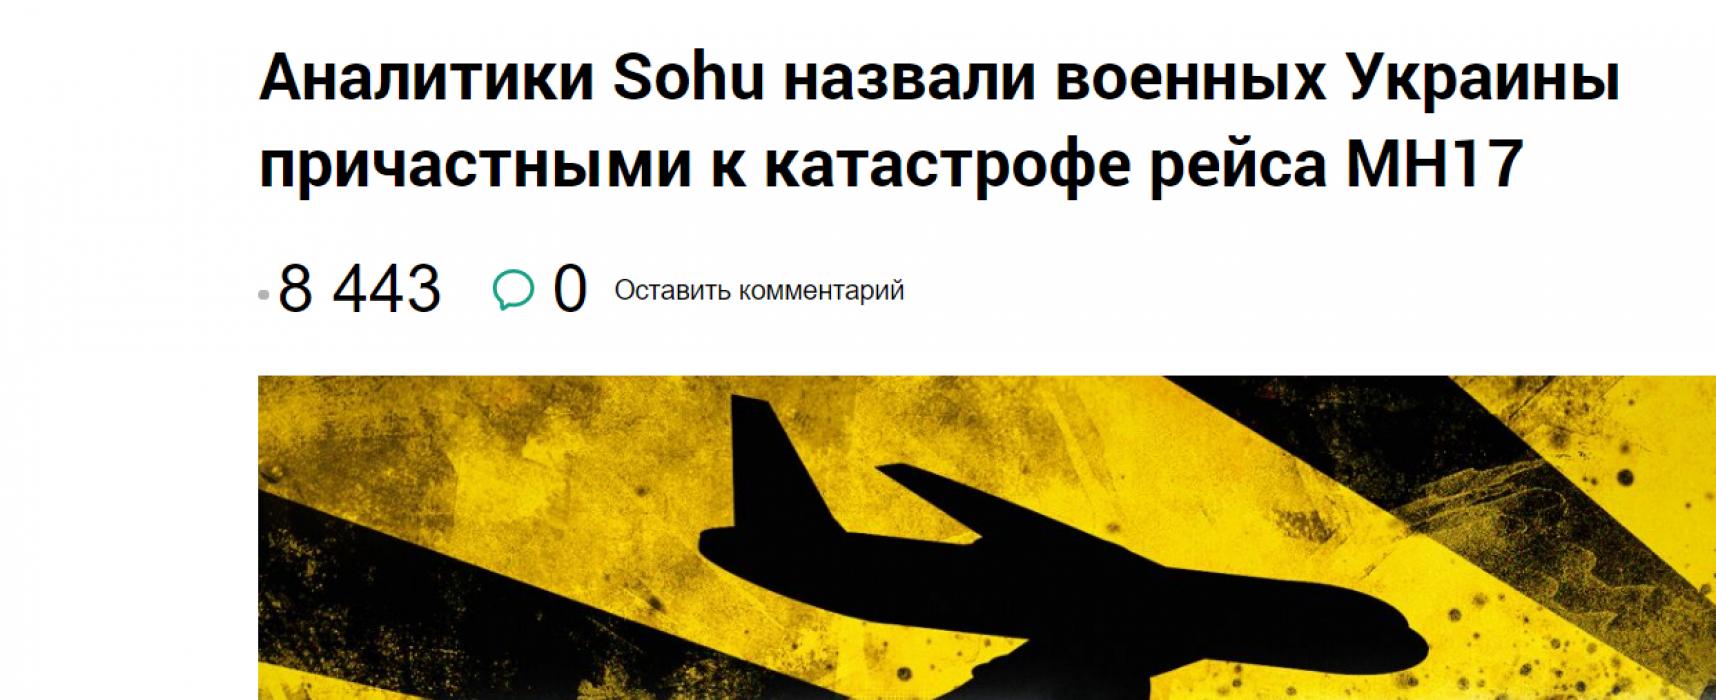 Фейк: Аналитики Sohu назвали военных Украины причастными к катастрофе рейса MH17